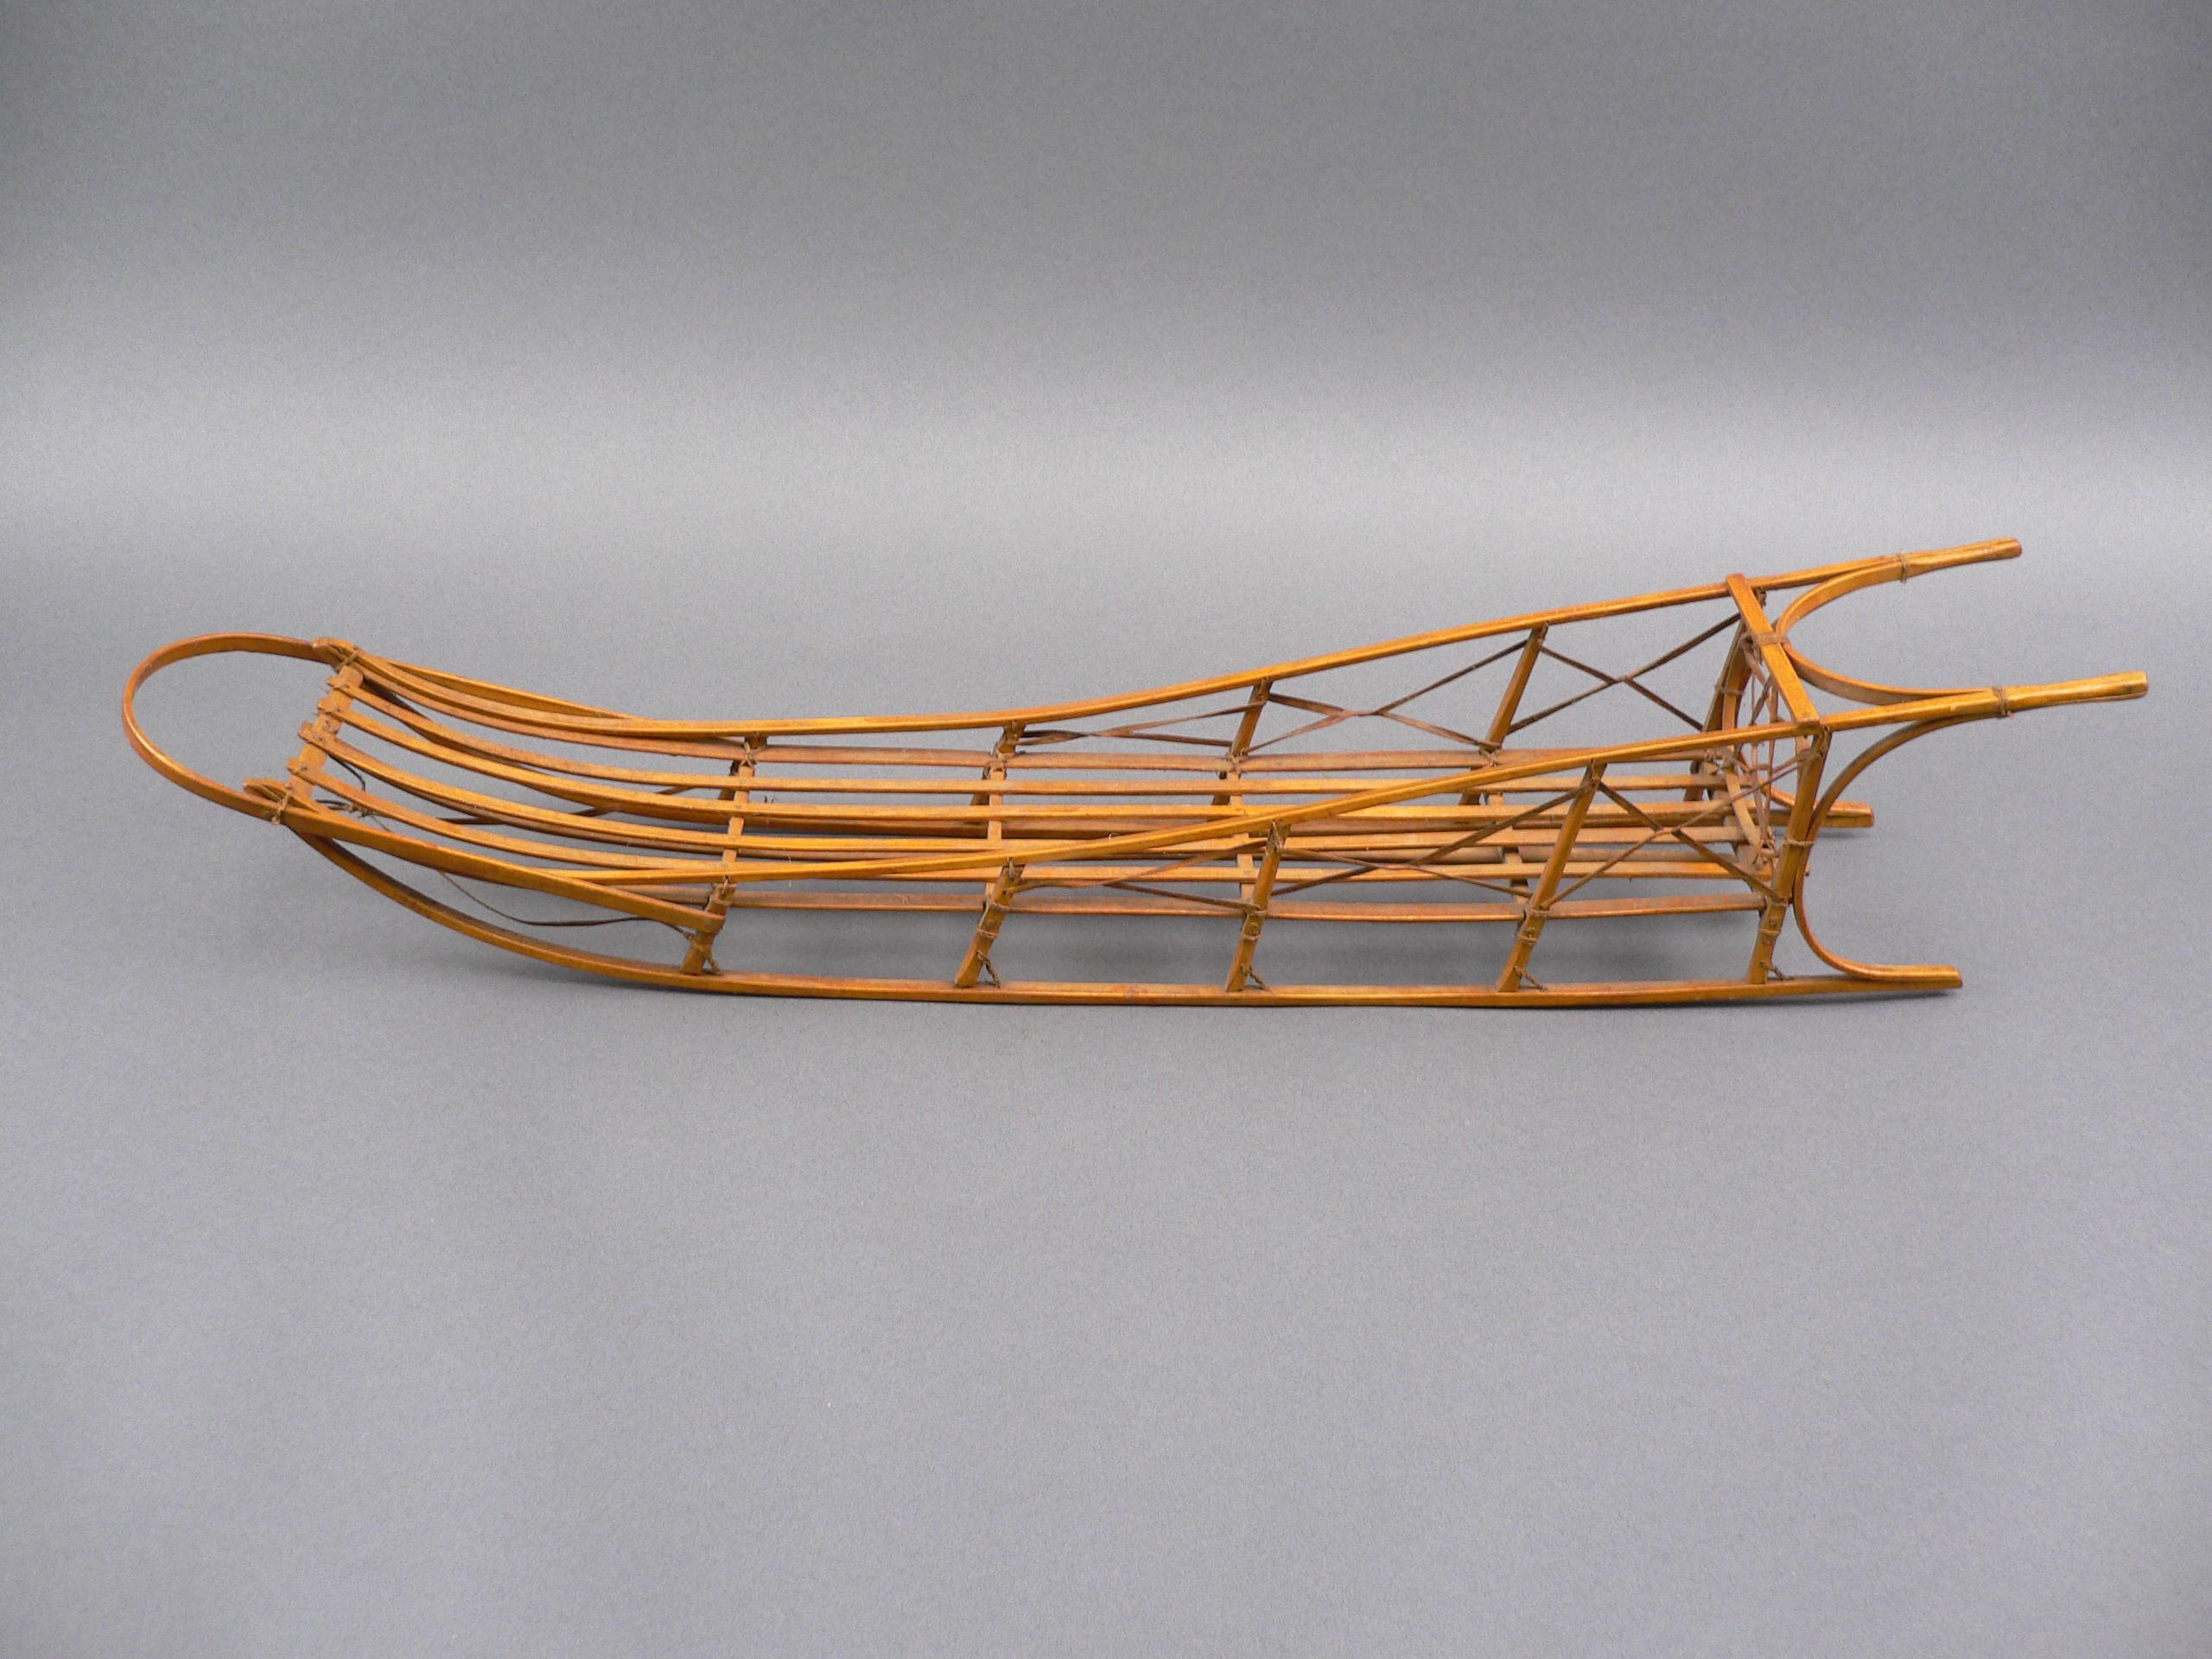 vintage alaskan inuit eskimo craft hand built scale model dog sled